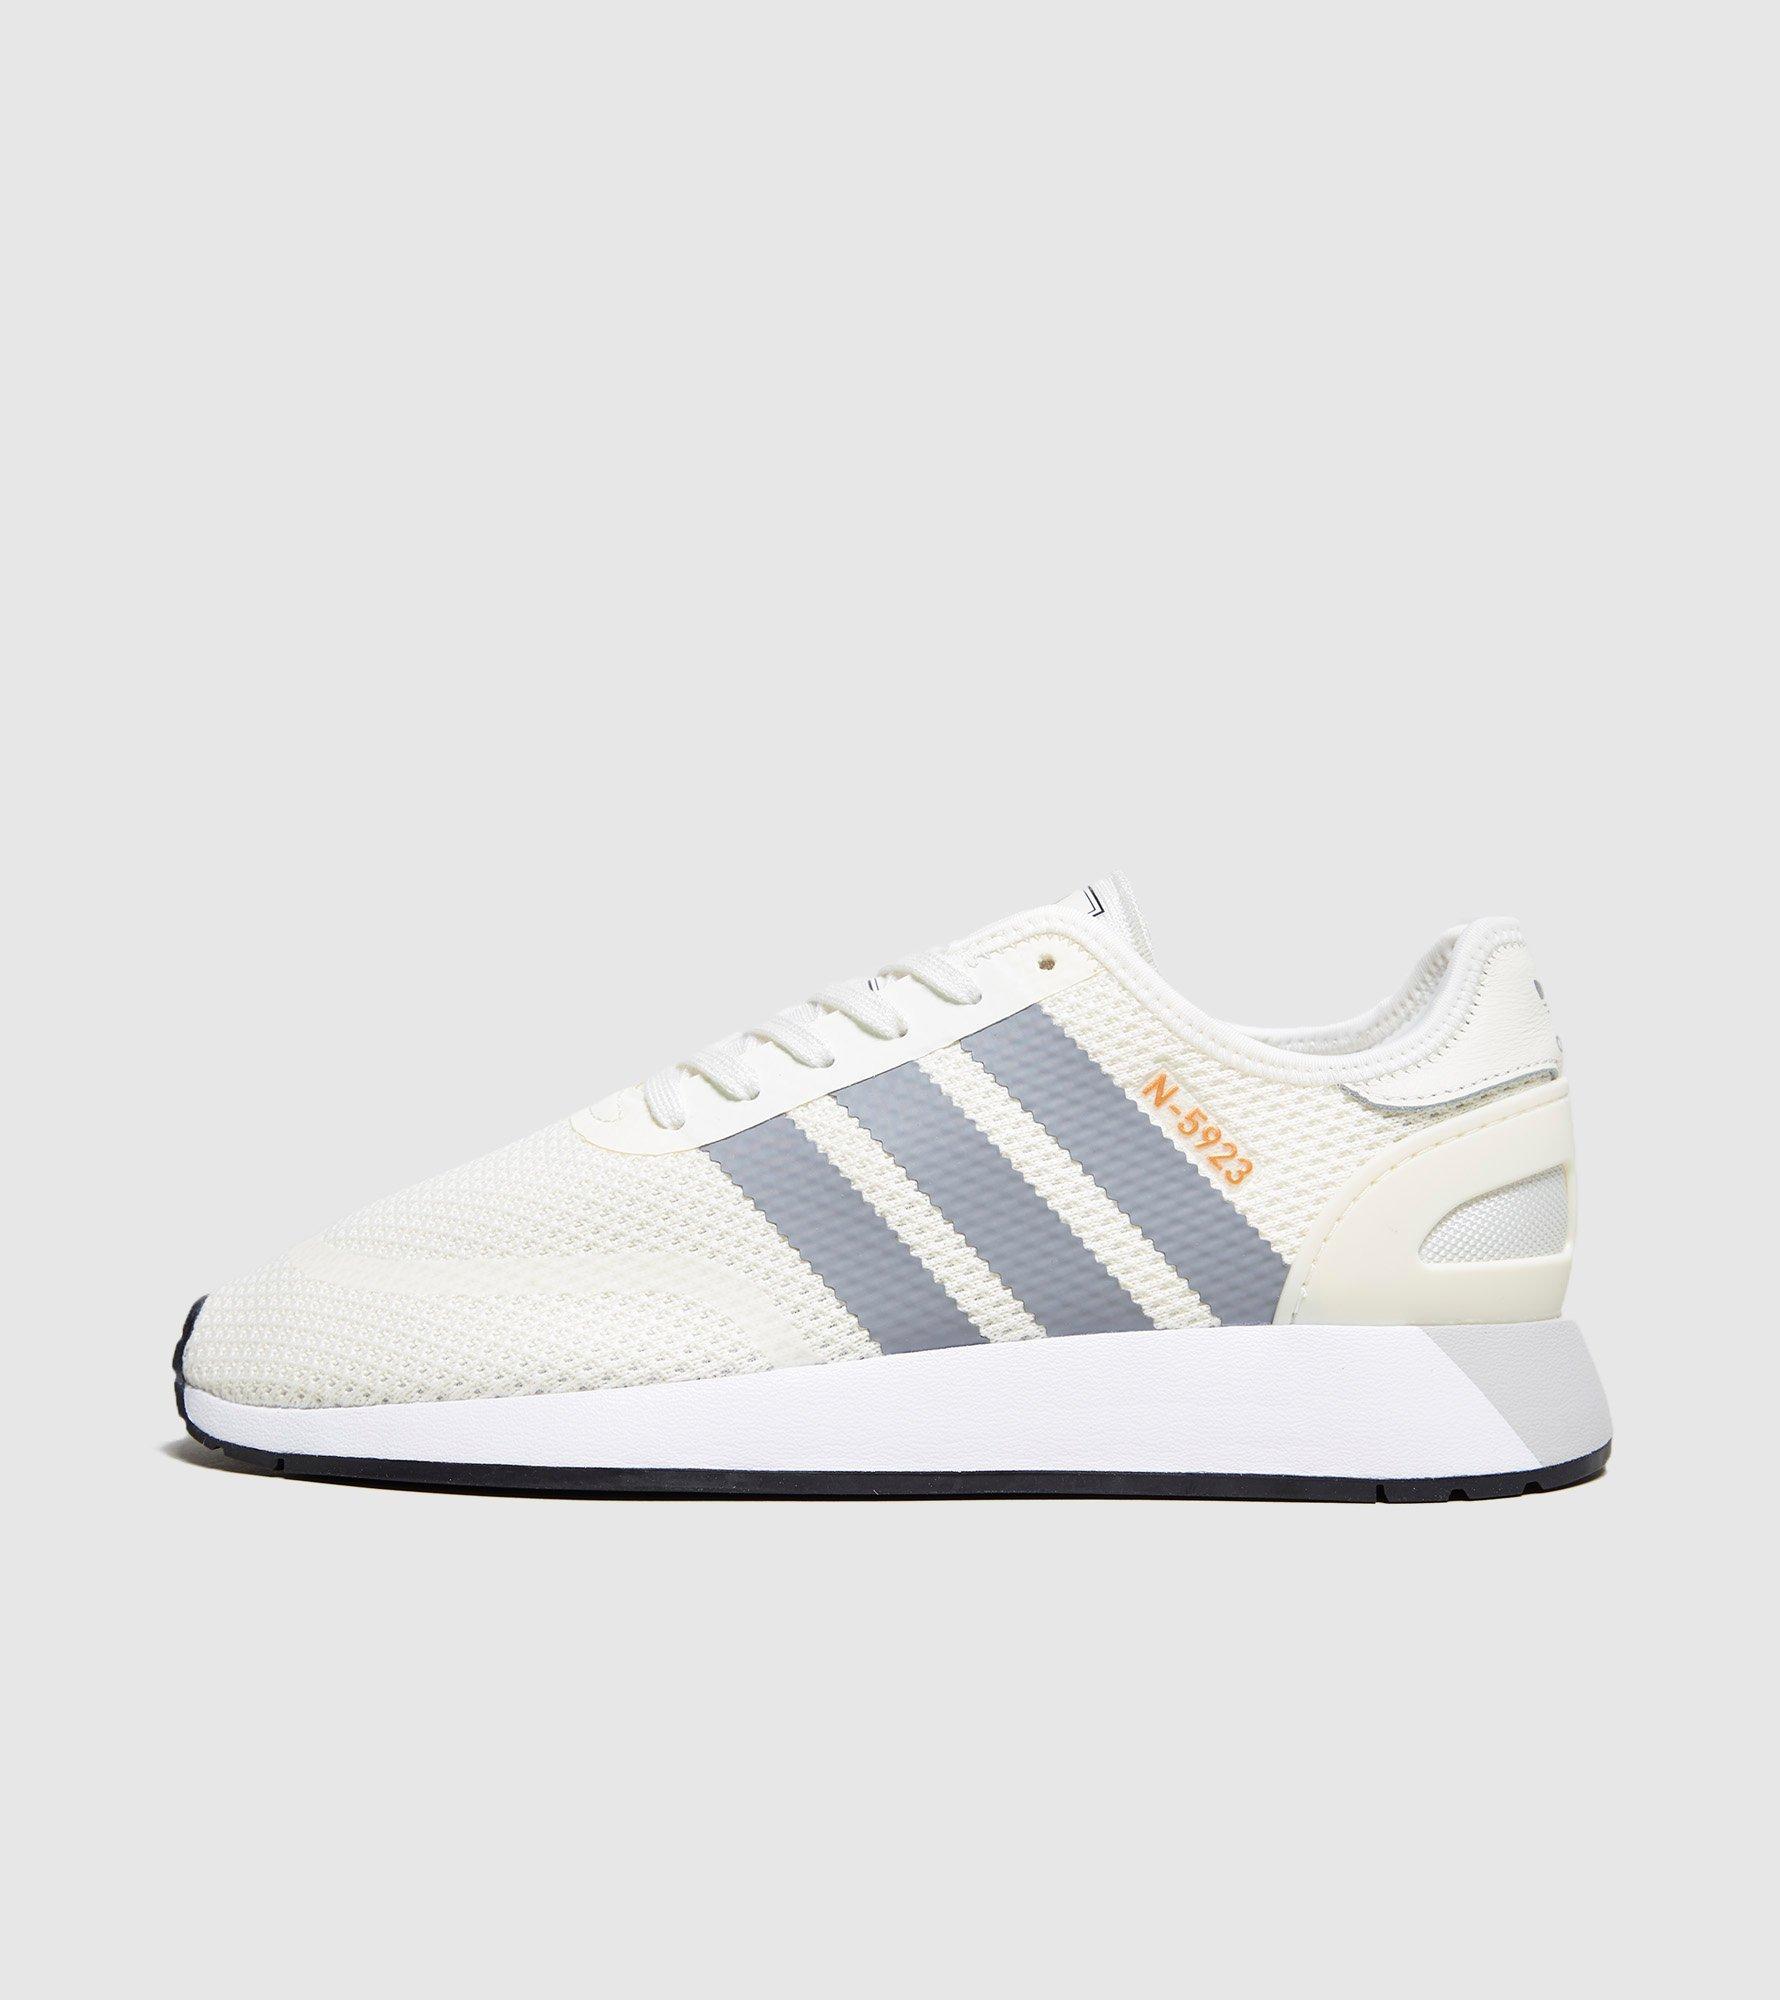 c139edc744c809 adidas Originals N-5923 in White for Men - Lyst